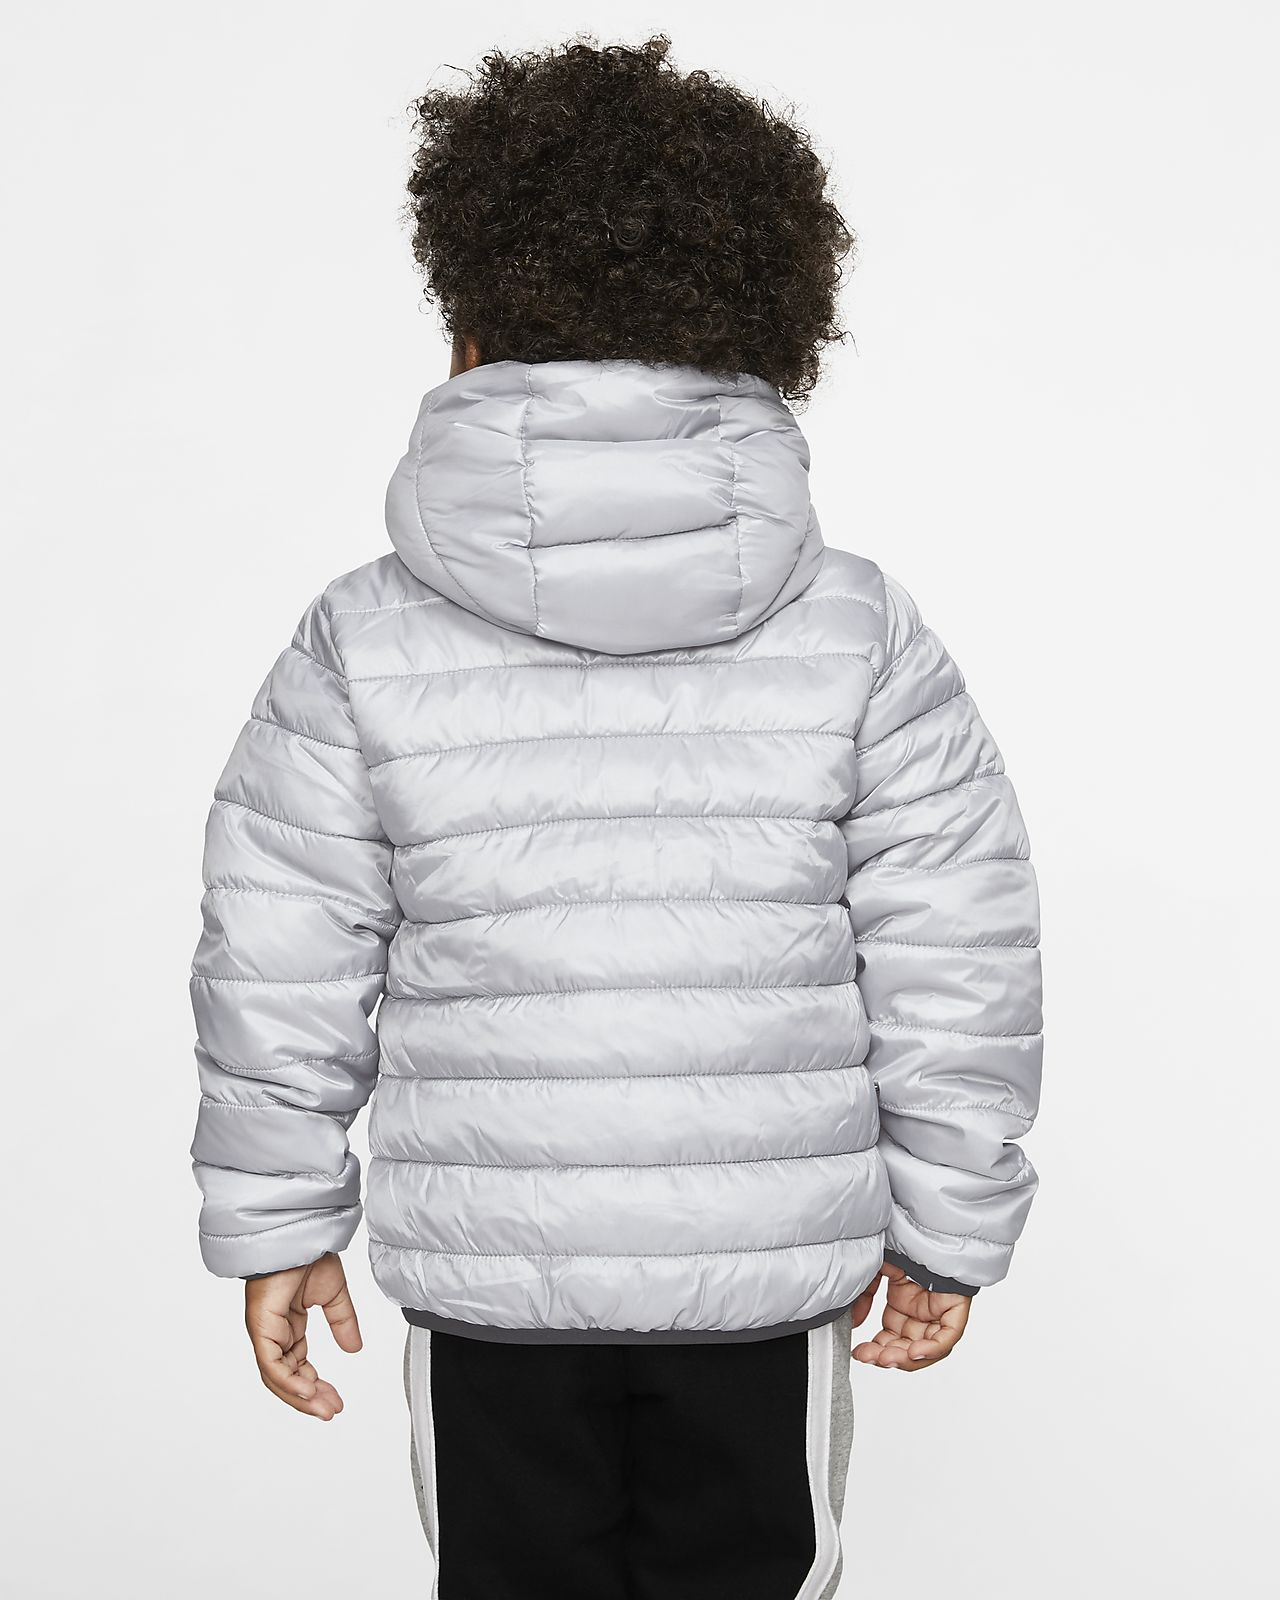 Vendbar Nike dynejakke til småbørn. Nike DK